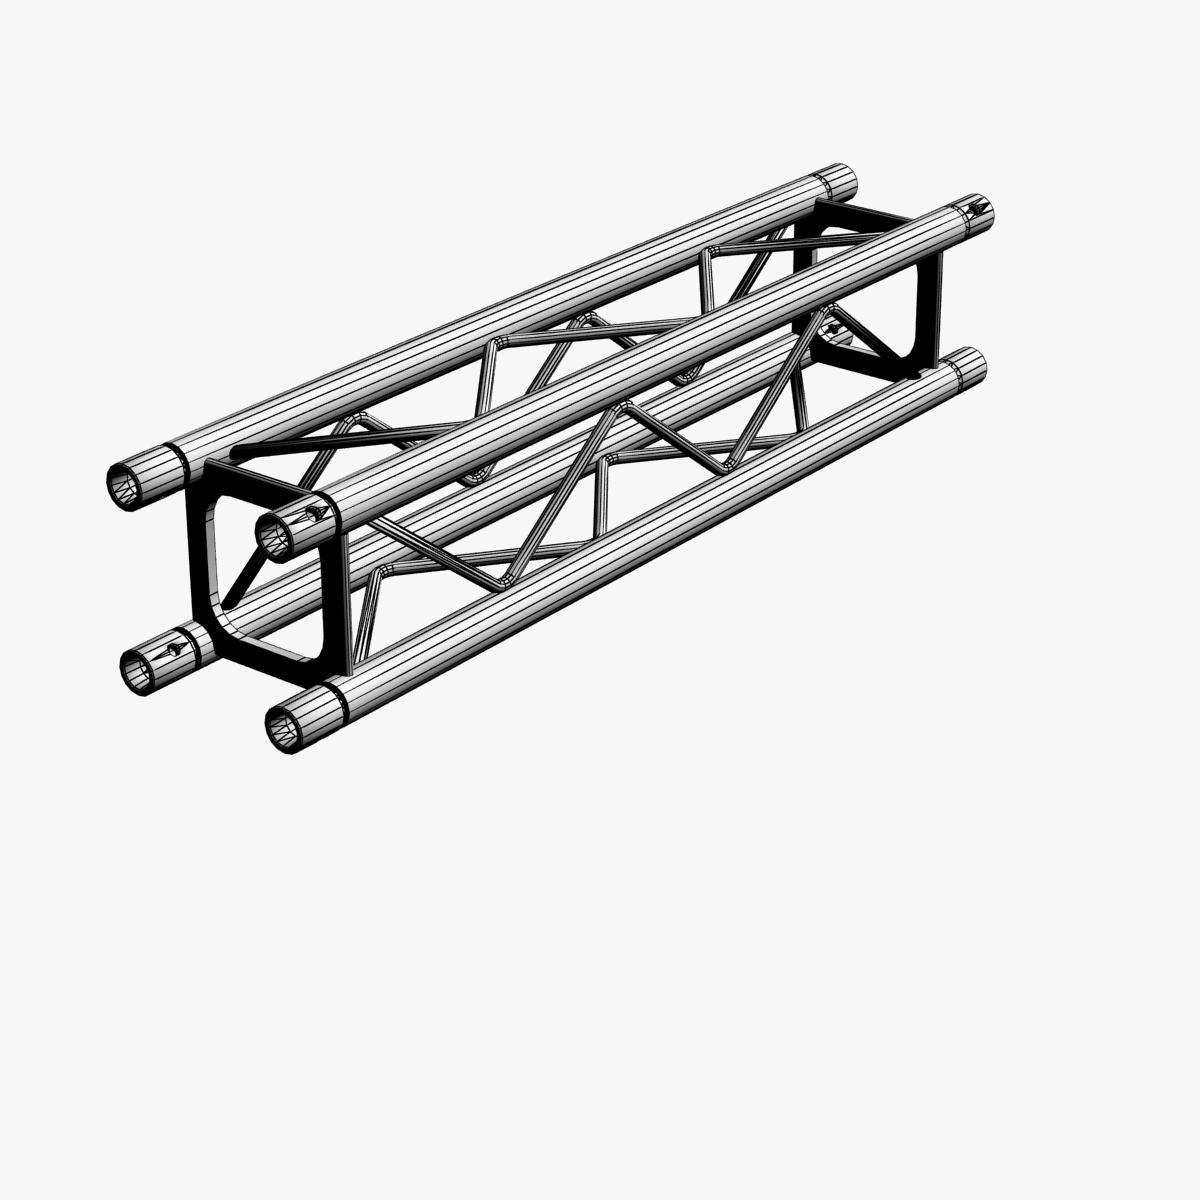 square light trusses (collection 50 modular) 3d model 3ds max dxf fbx c4d dae texture obj 216190